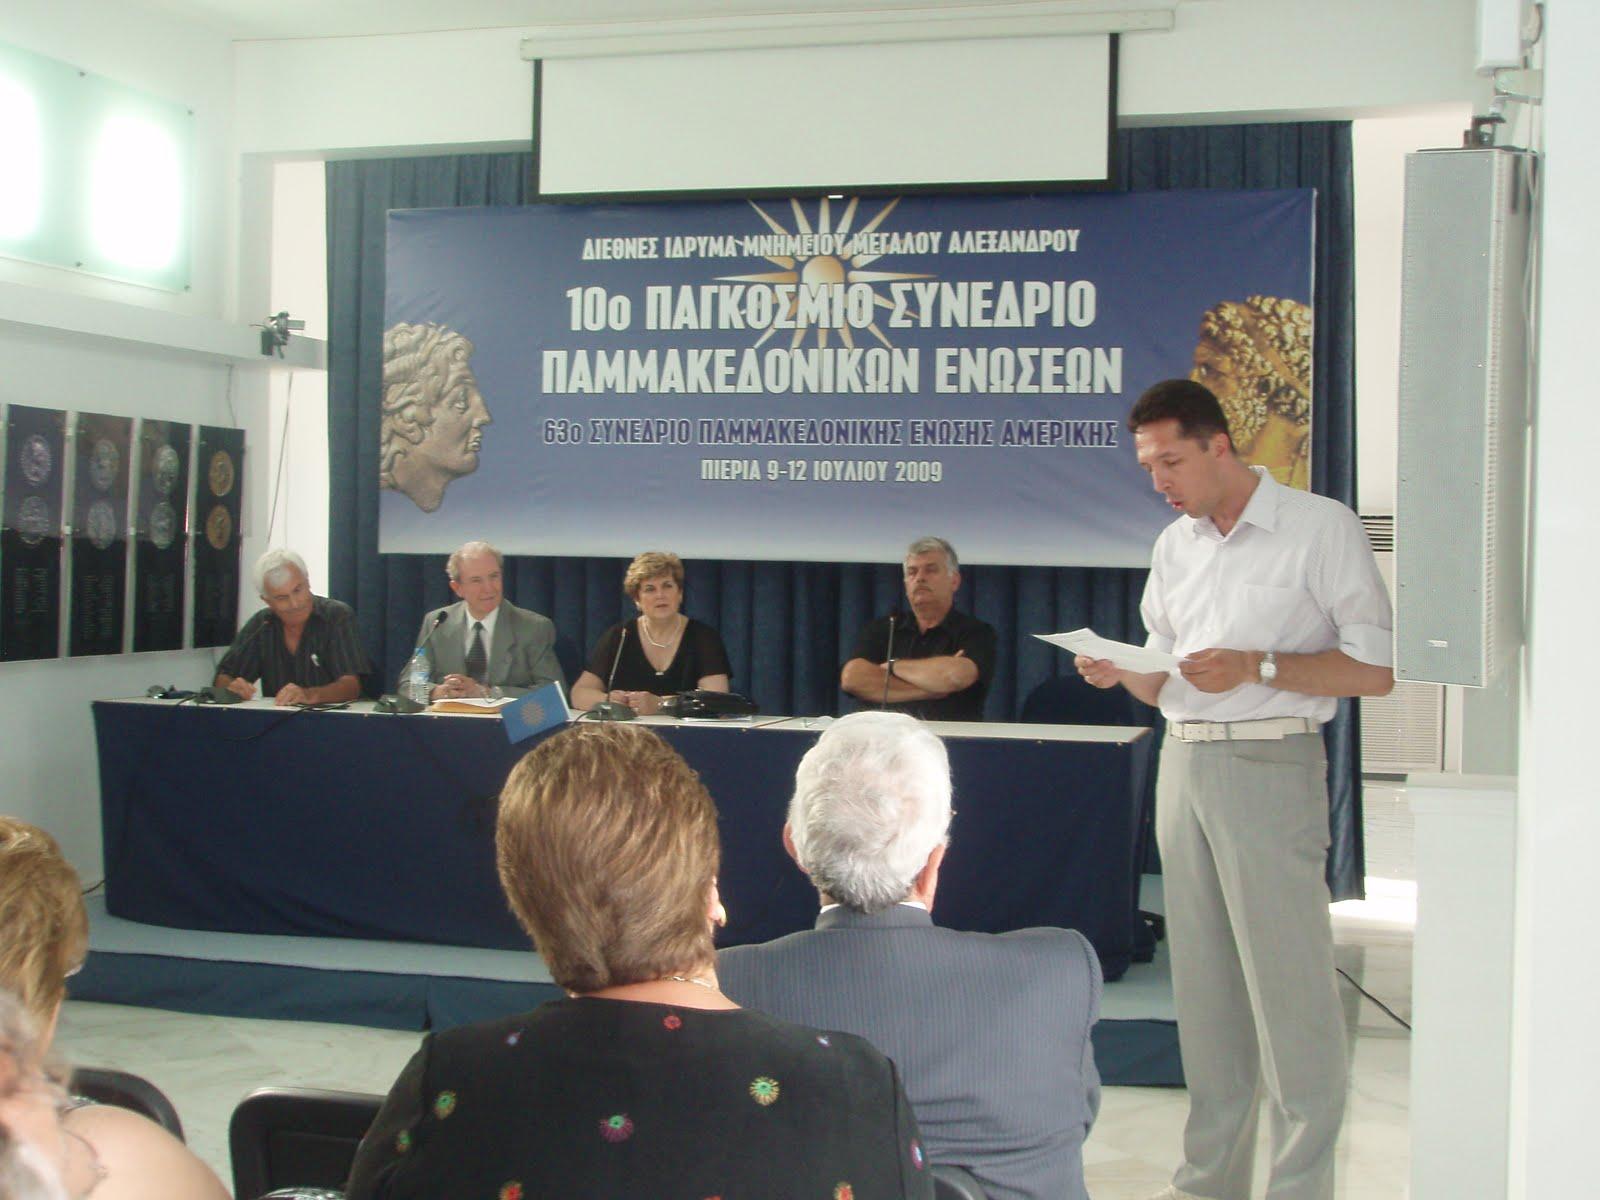 Κοινό των Μακεδόνων